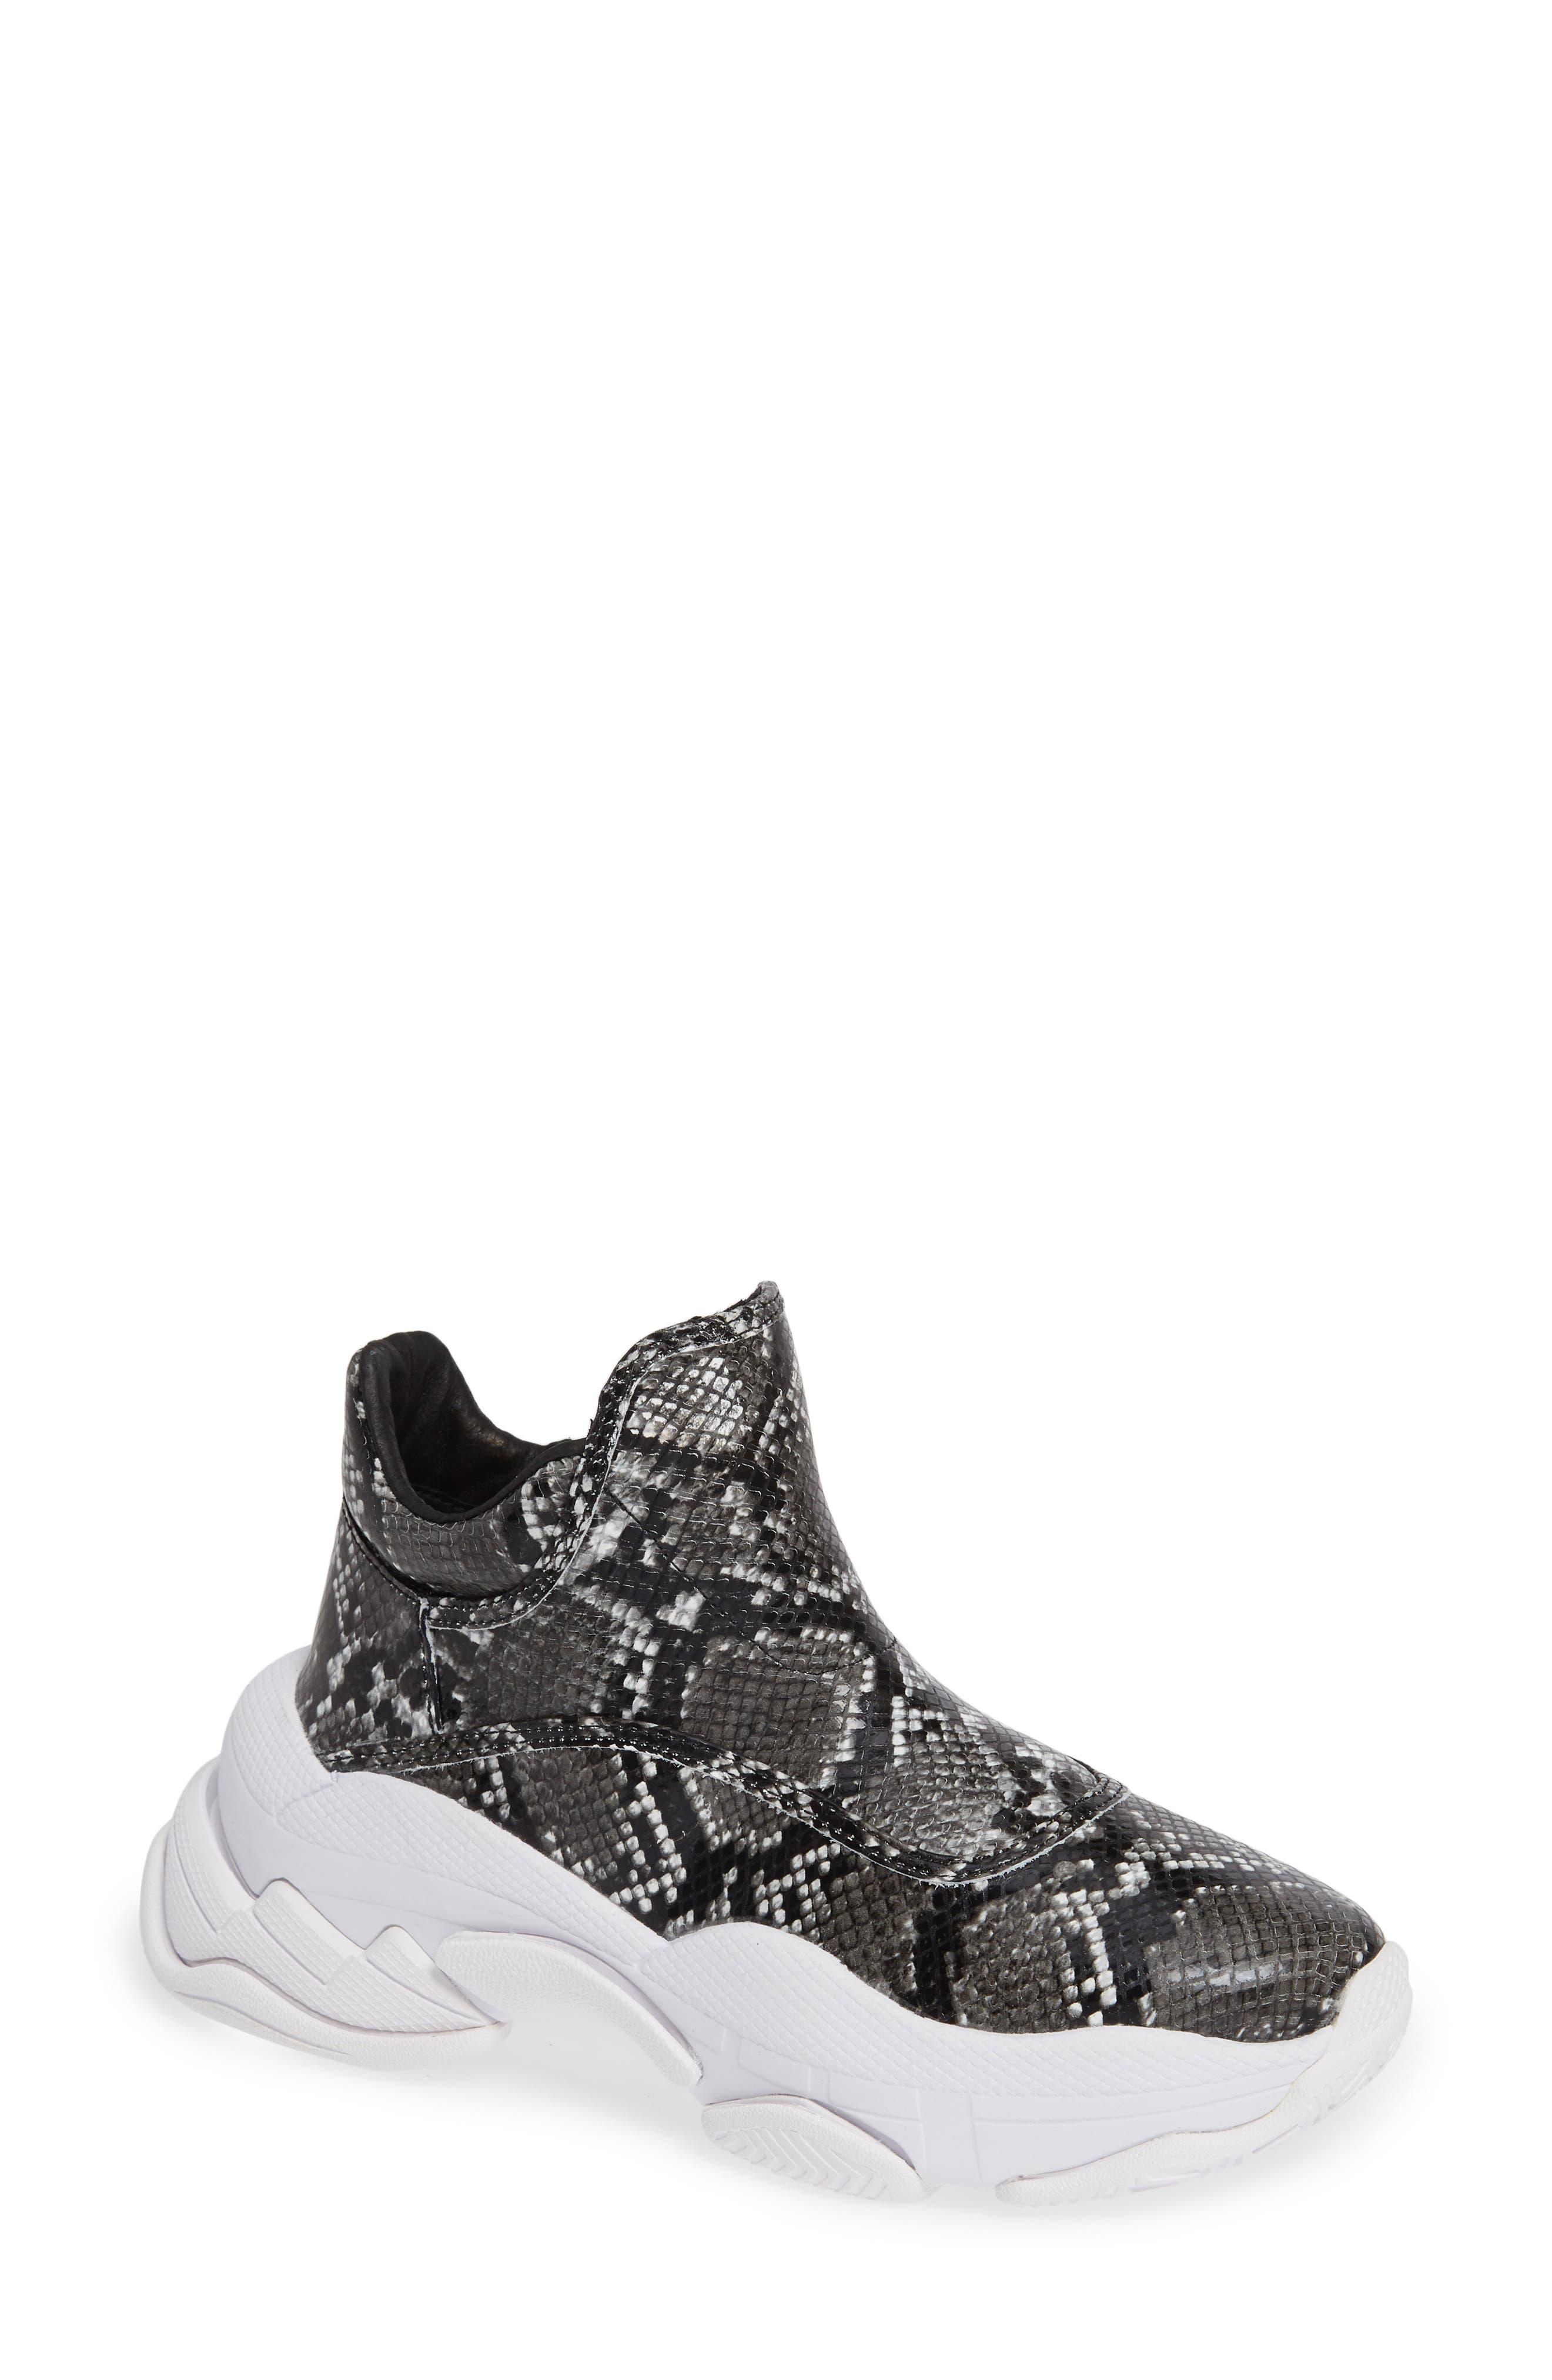 CTRL-DEL Sneaker,                         Main,                         color, GREY BLACK SNAKE